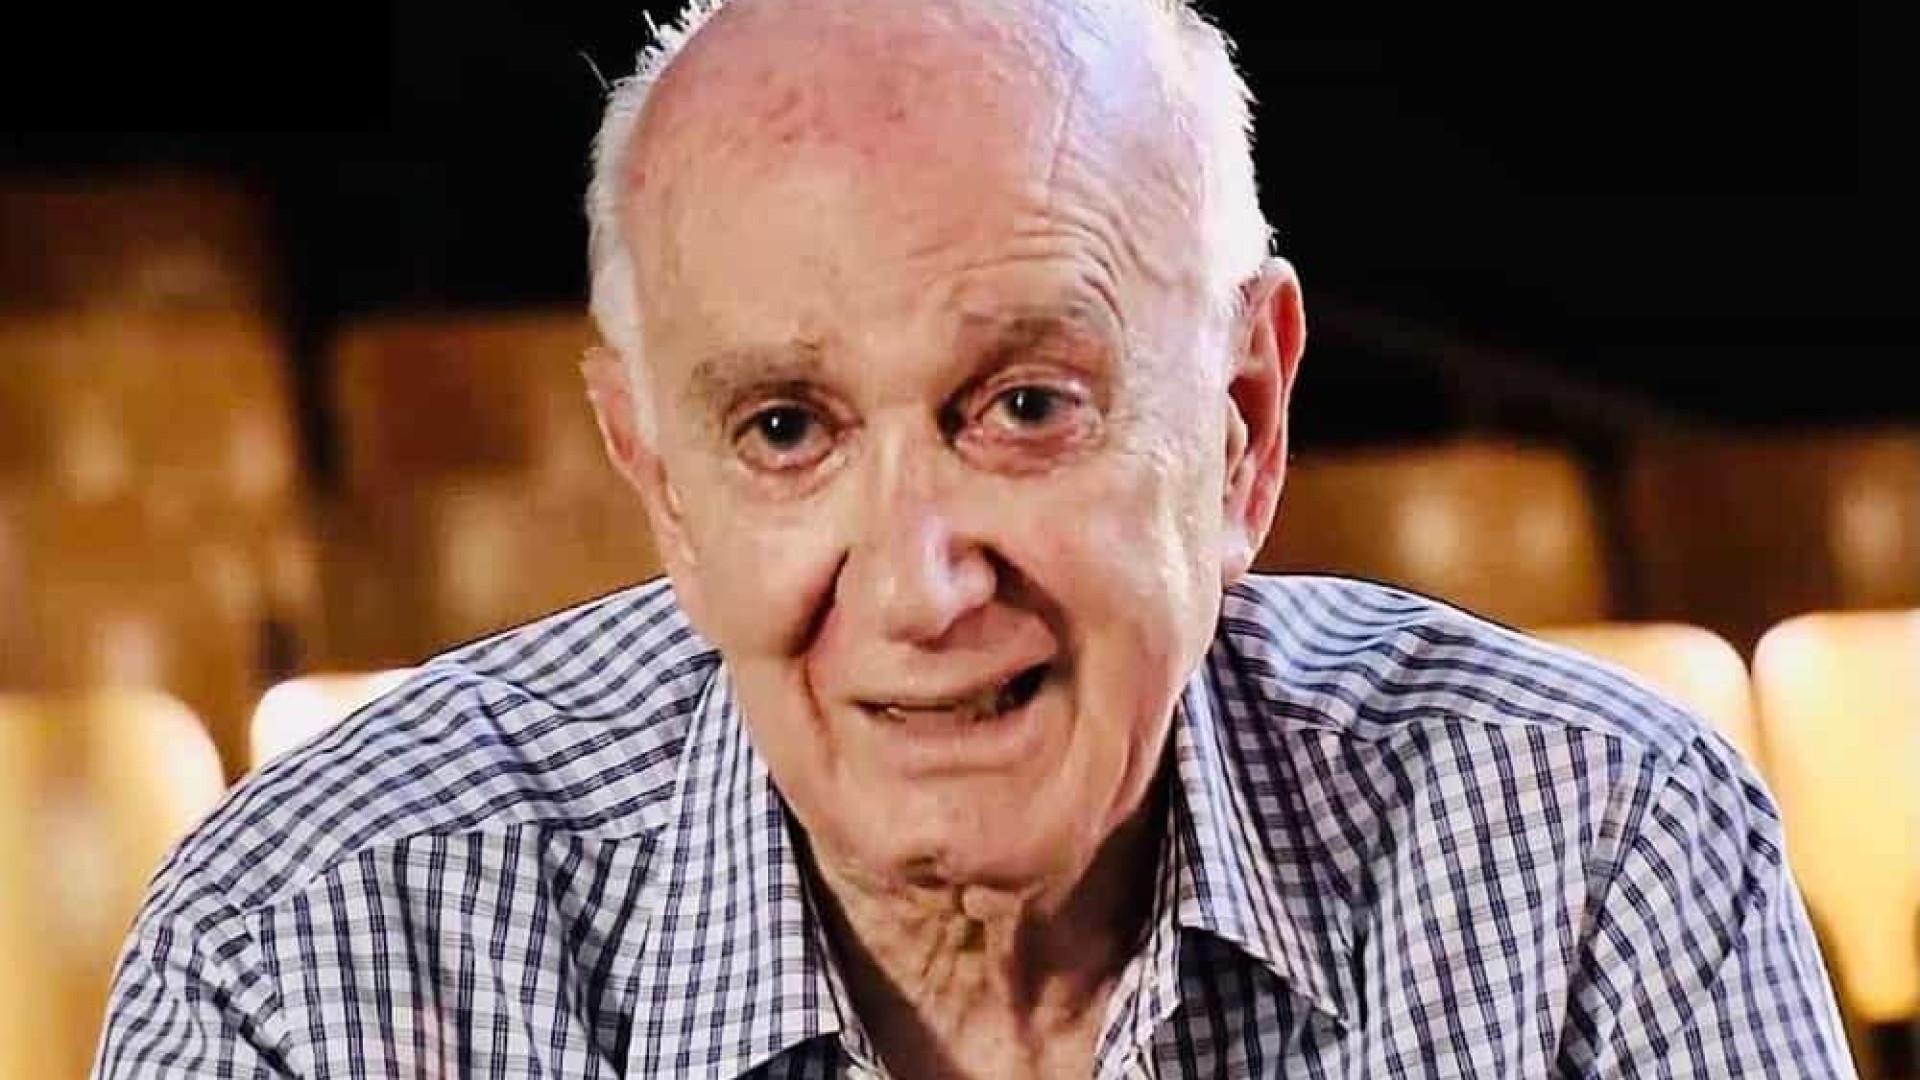 Morre aos 87 anos ex-deputado e ex-capitão cassado na ditadura Eduardo Chuahy